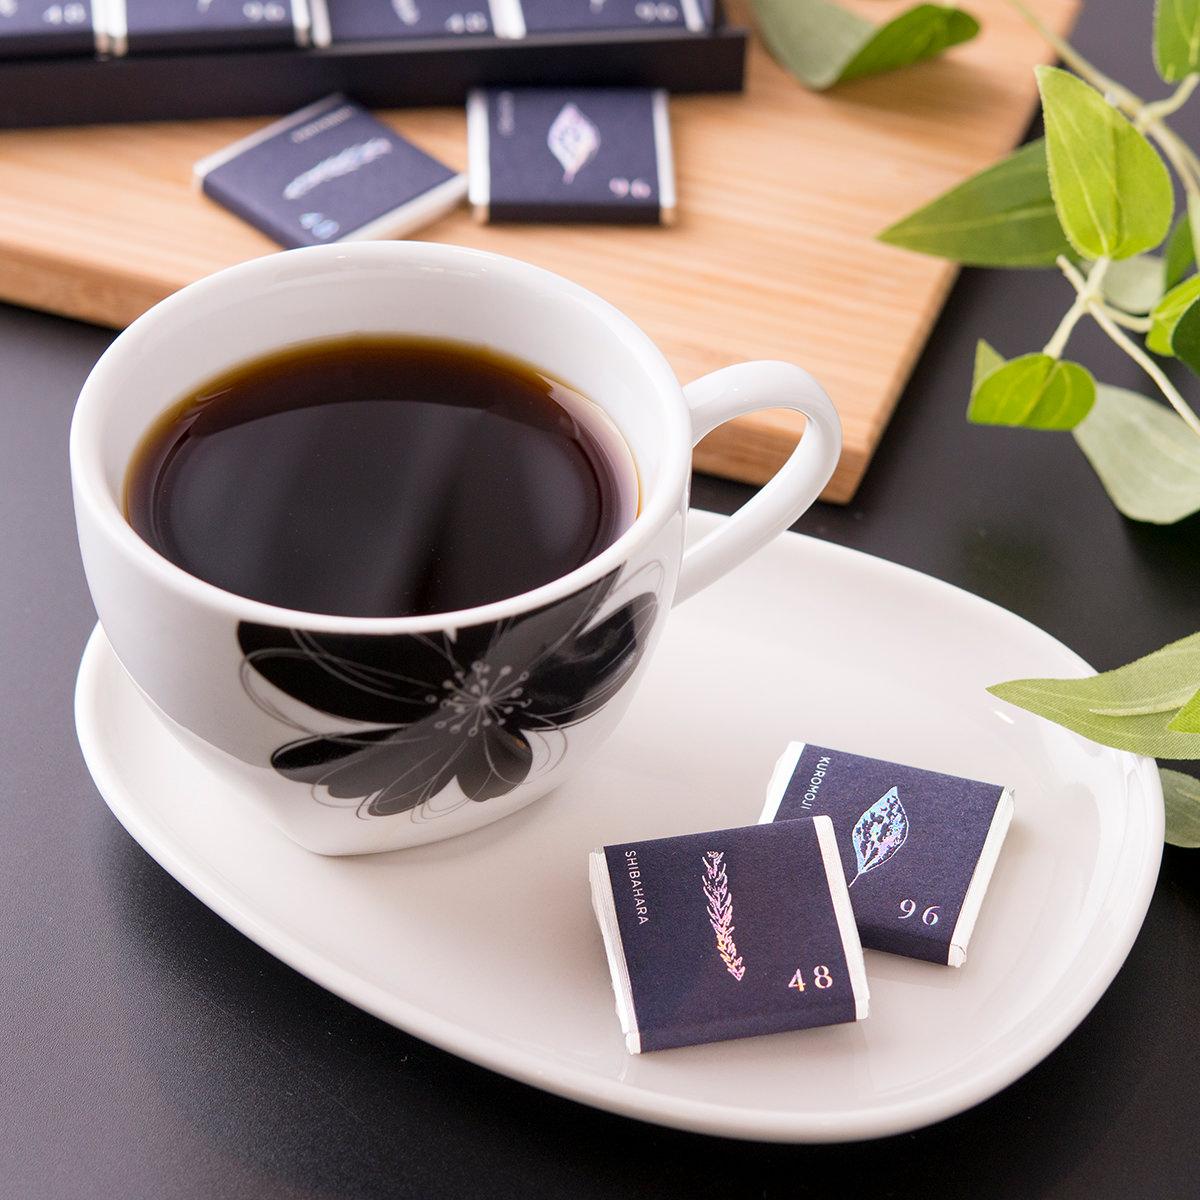 熊野の香りのチョコレート「4896」と熊野クロモジバスエッセンス〔チョコレート16個入×1・バスエッセンス×2袋〕